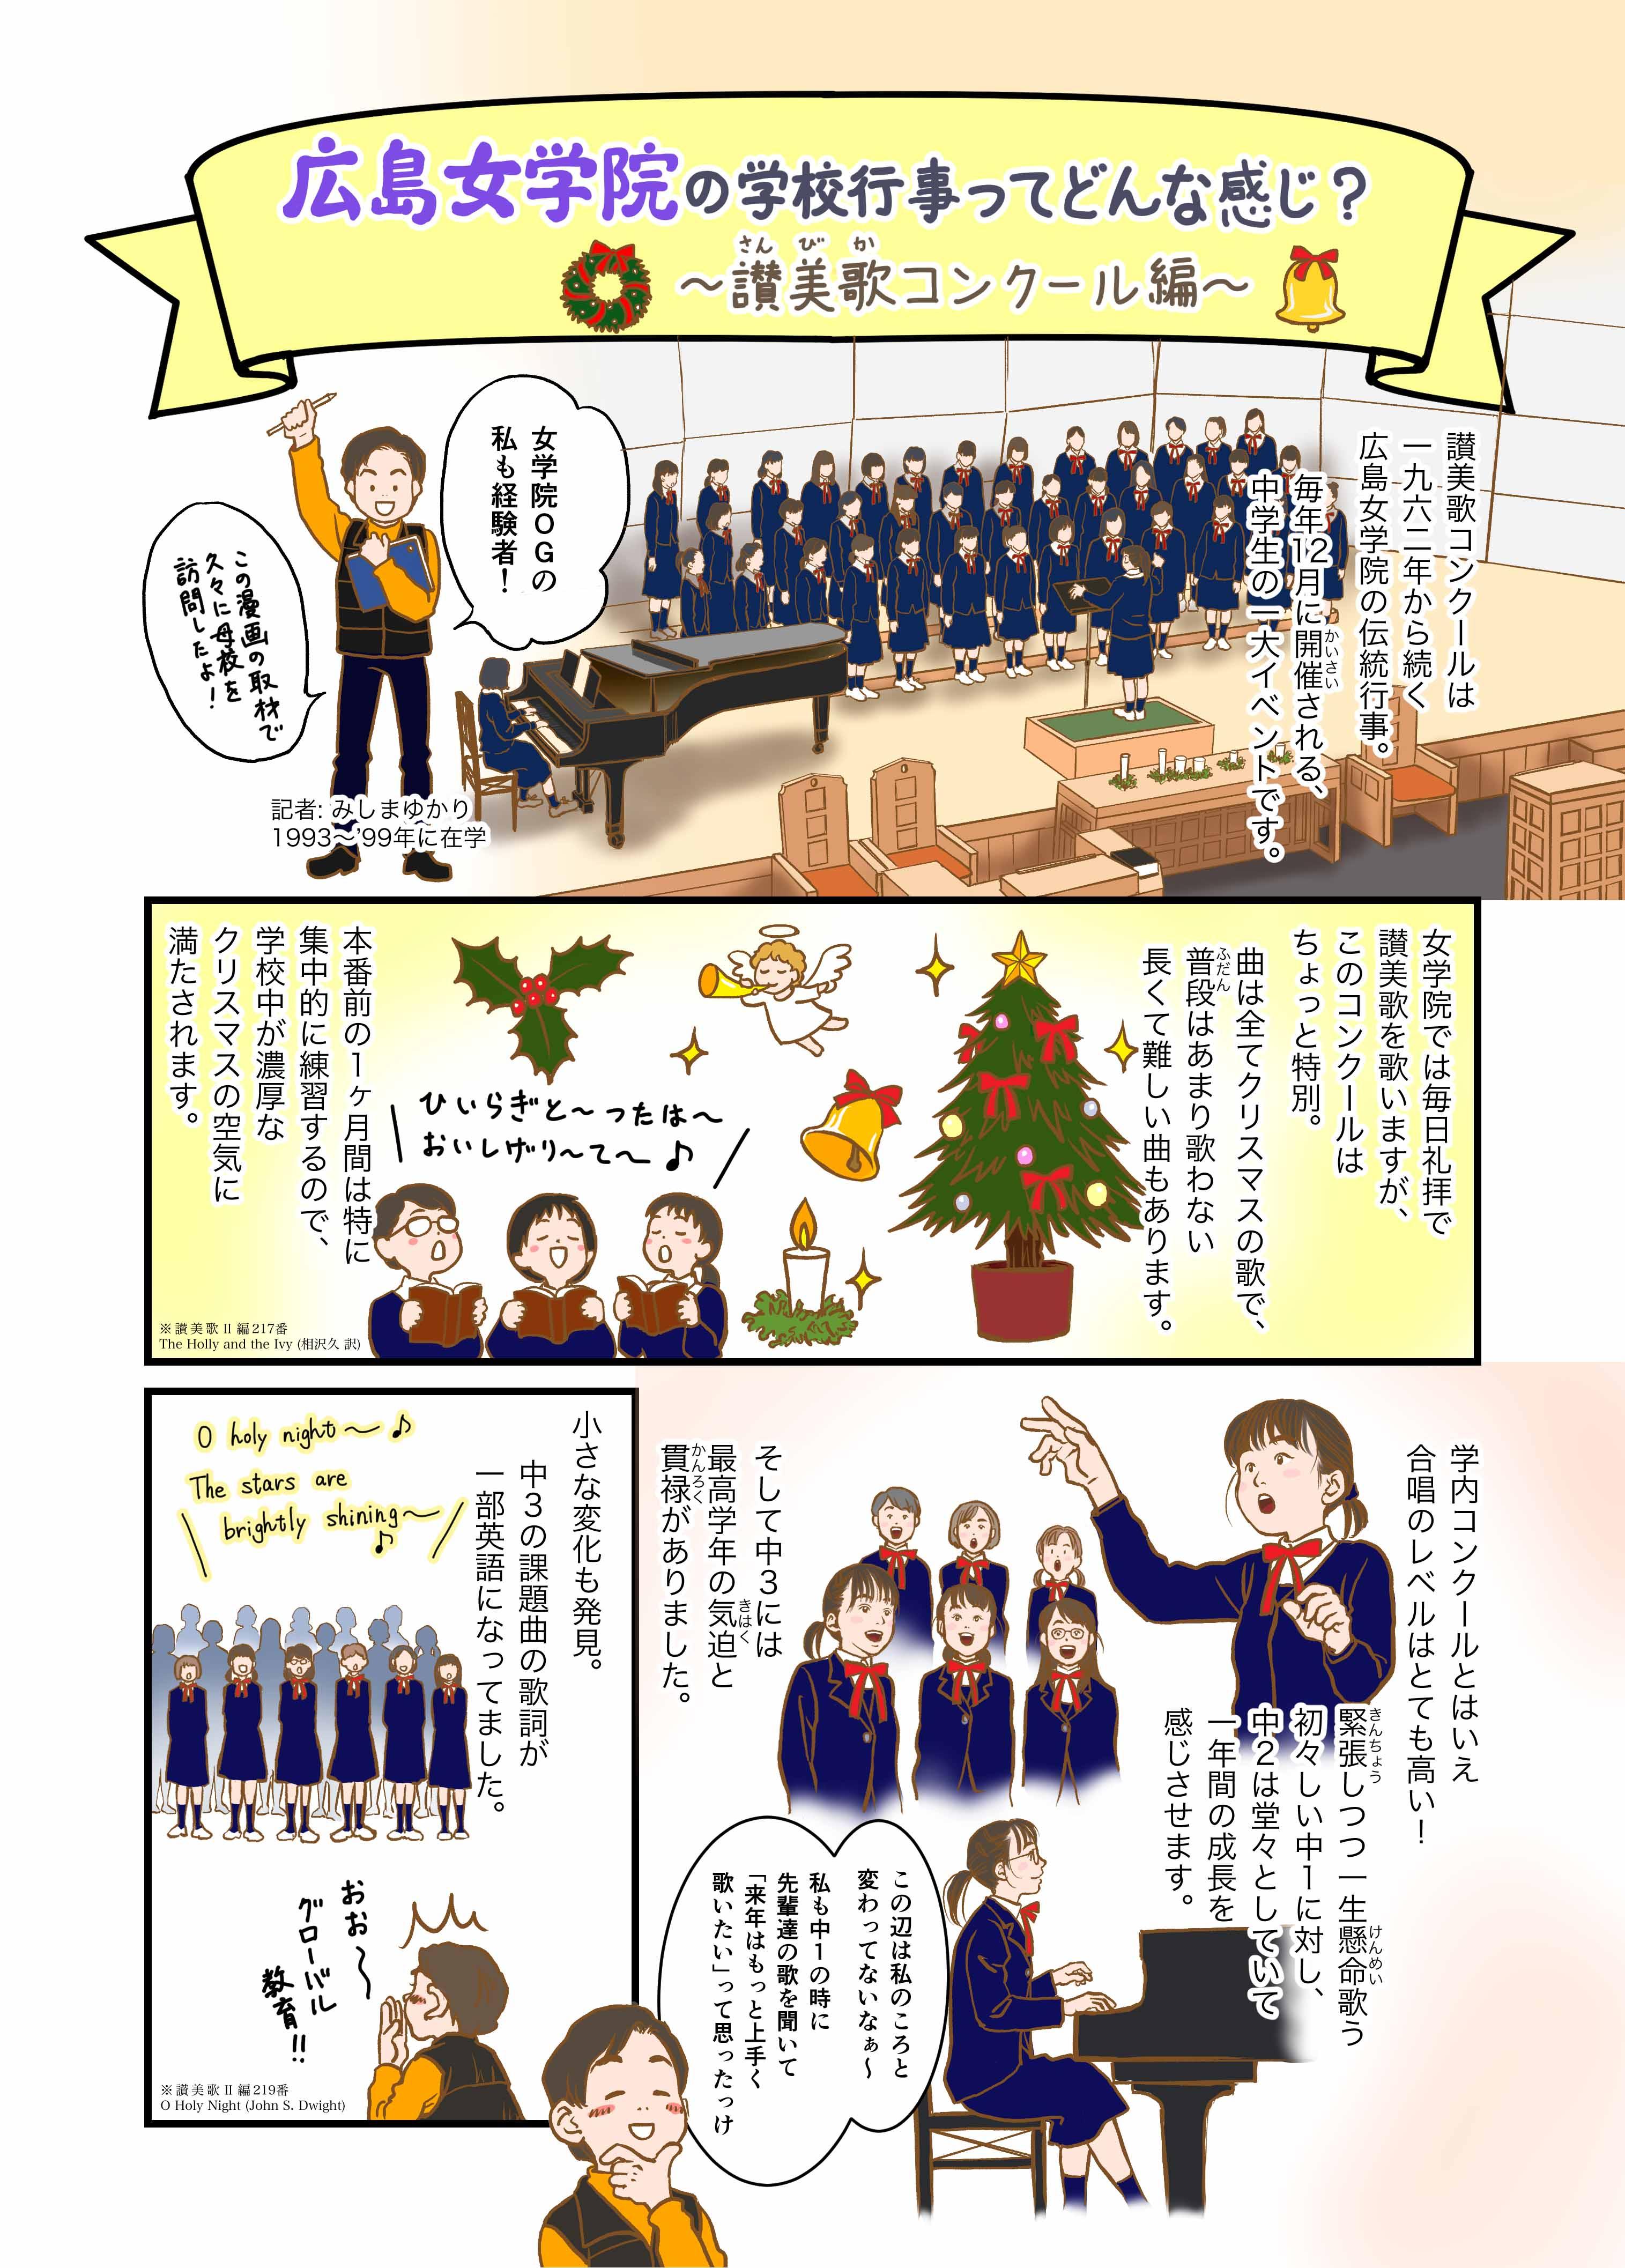 広島女学院中学高等学校 2020年度版学校案内用漫画